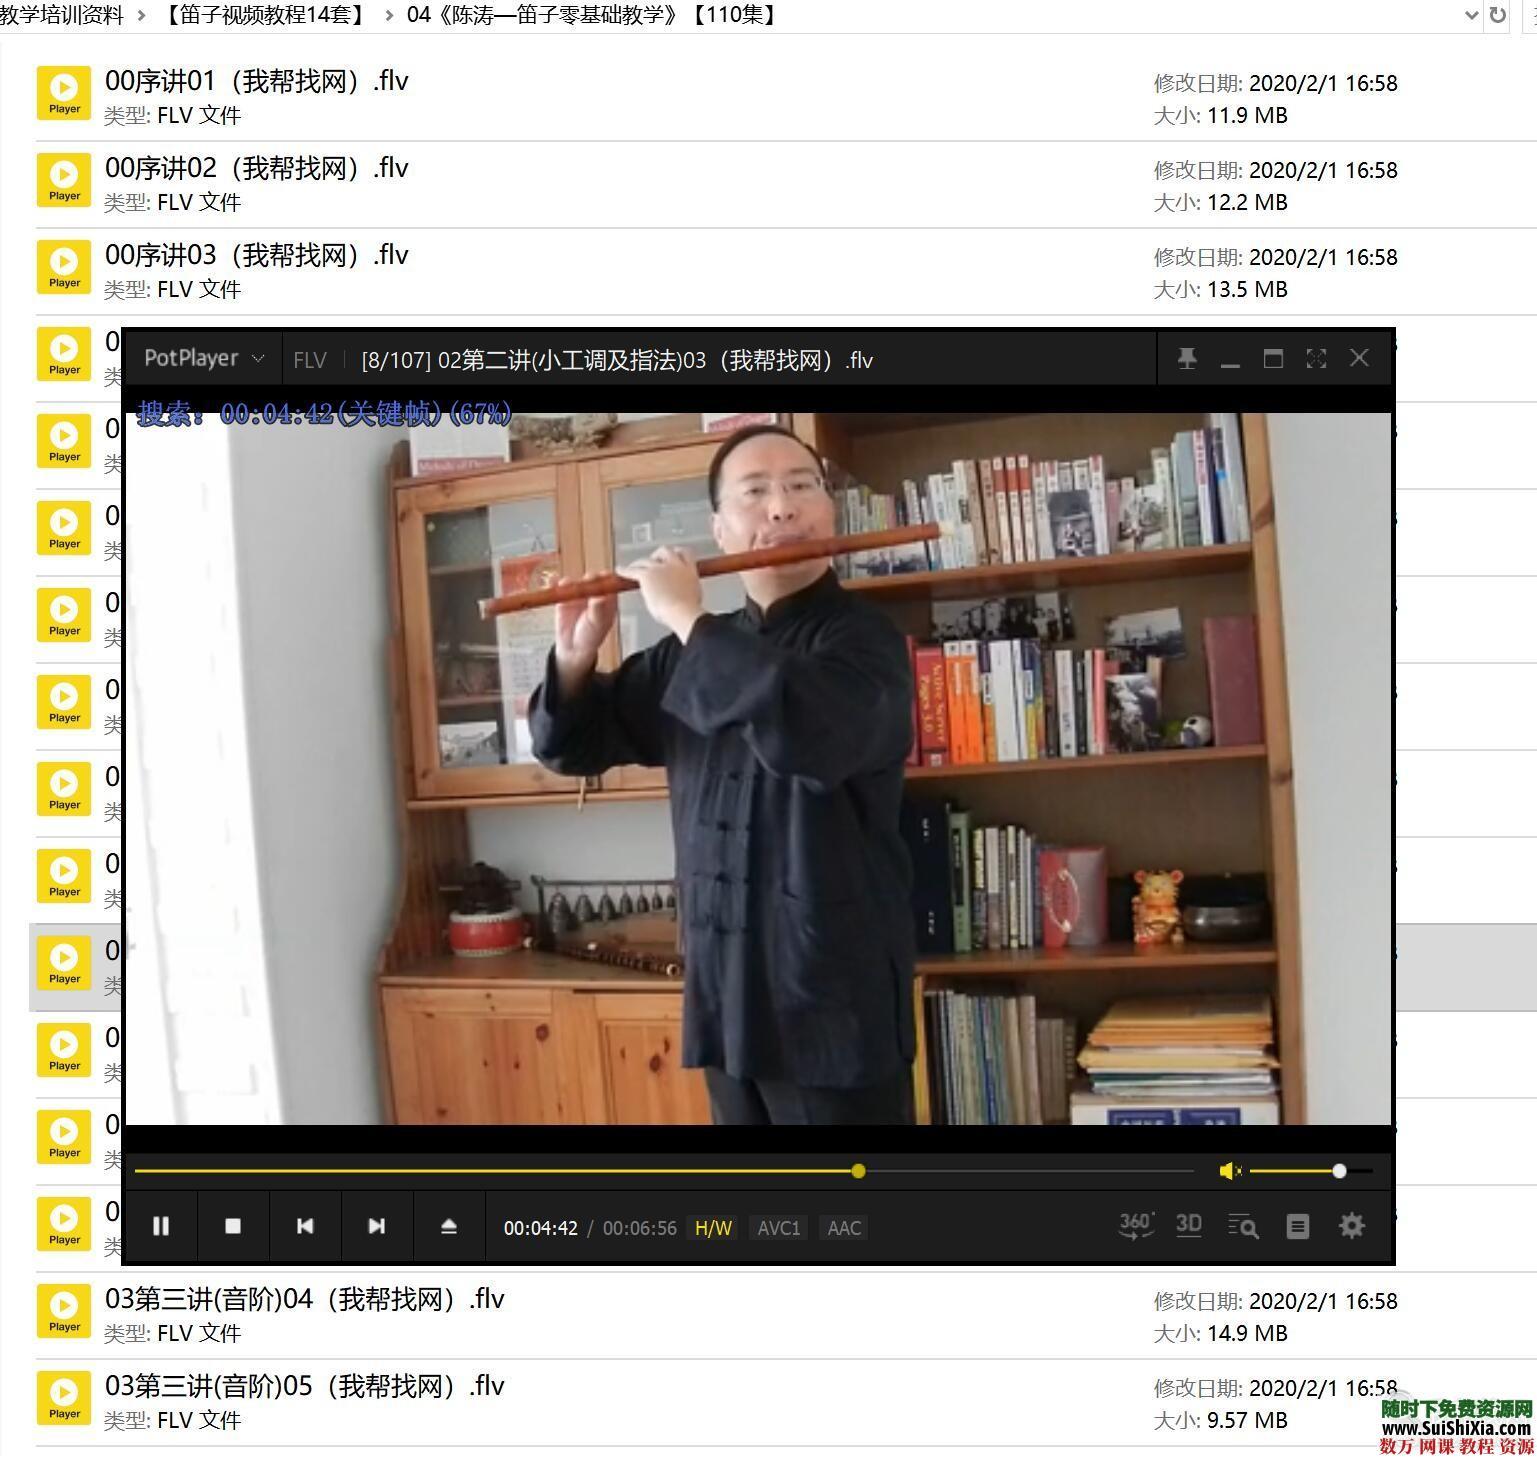 自学演奏吹笛子视频教程吹竹笛全集乐器音乐曲谱笛声指法教学培训资料 第6张